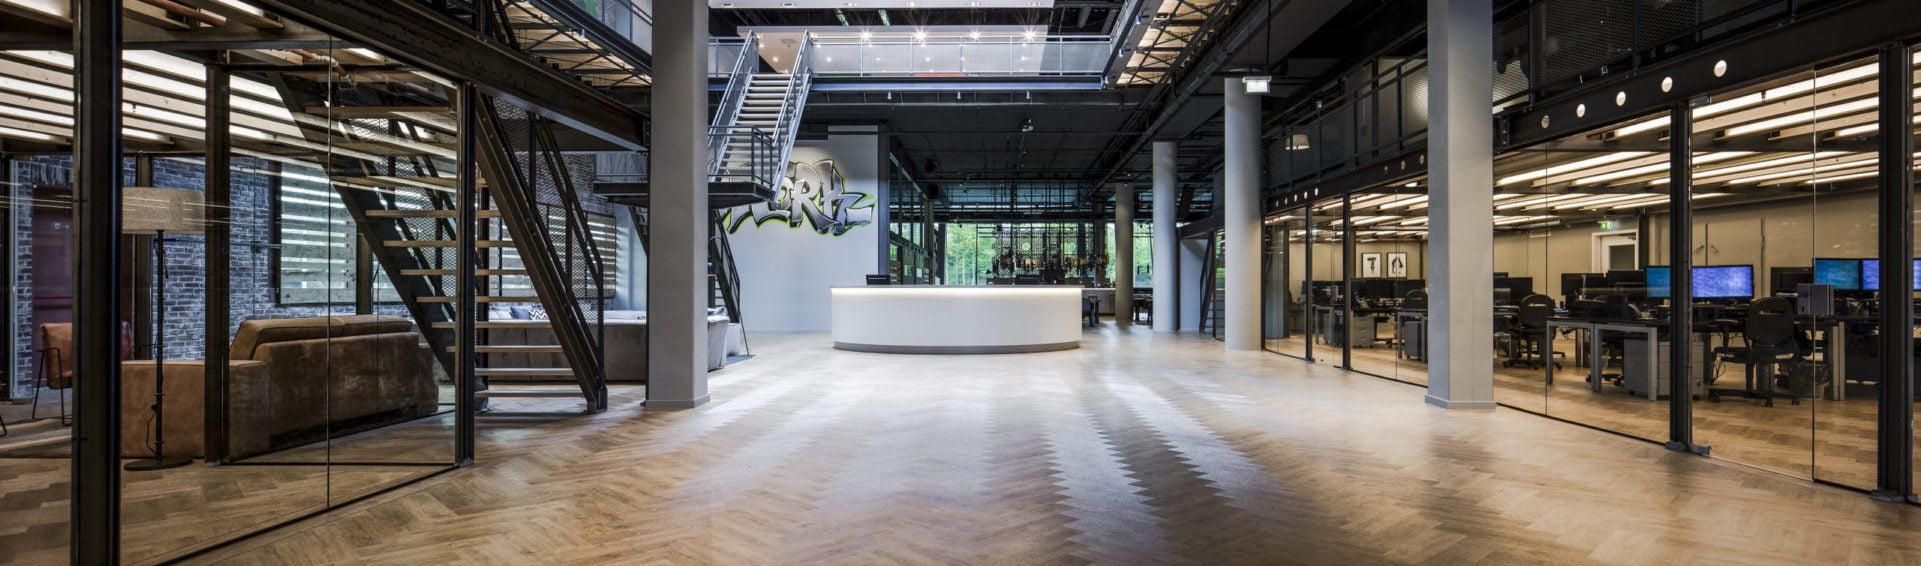 Interieurfoto gebouwtransformatie Inwork Amsterdam - interieur van de centrale hal / vide